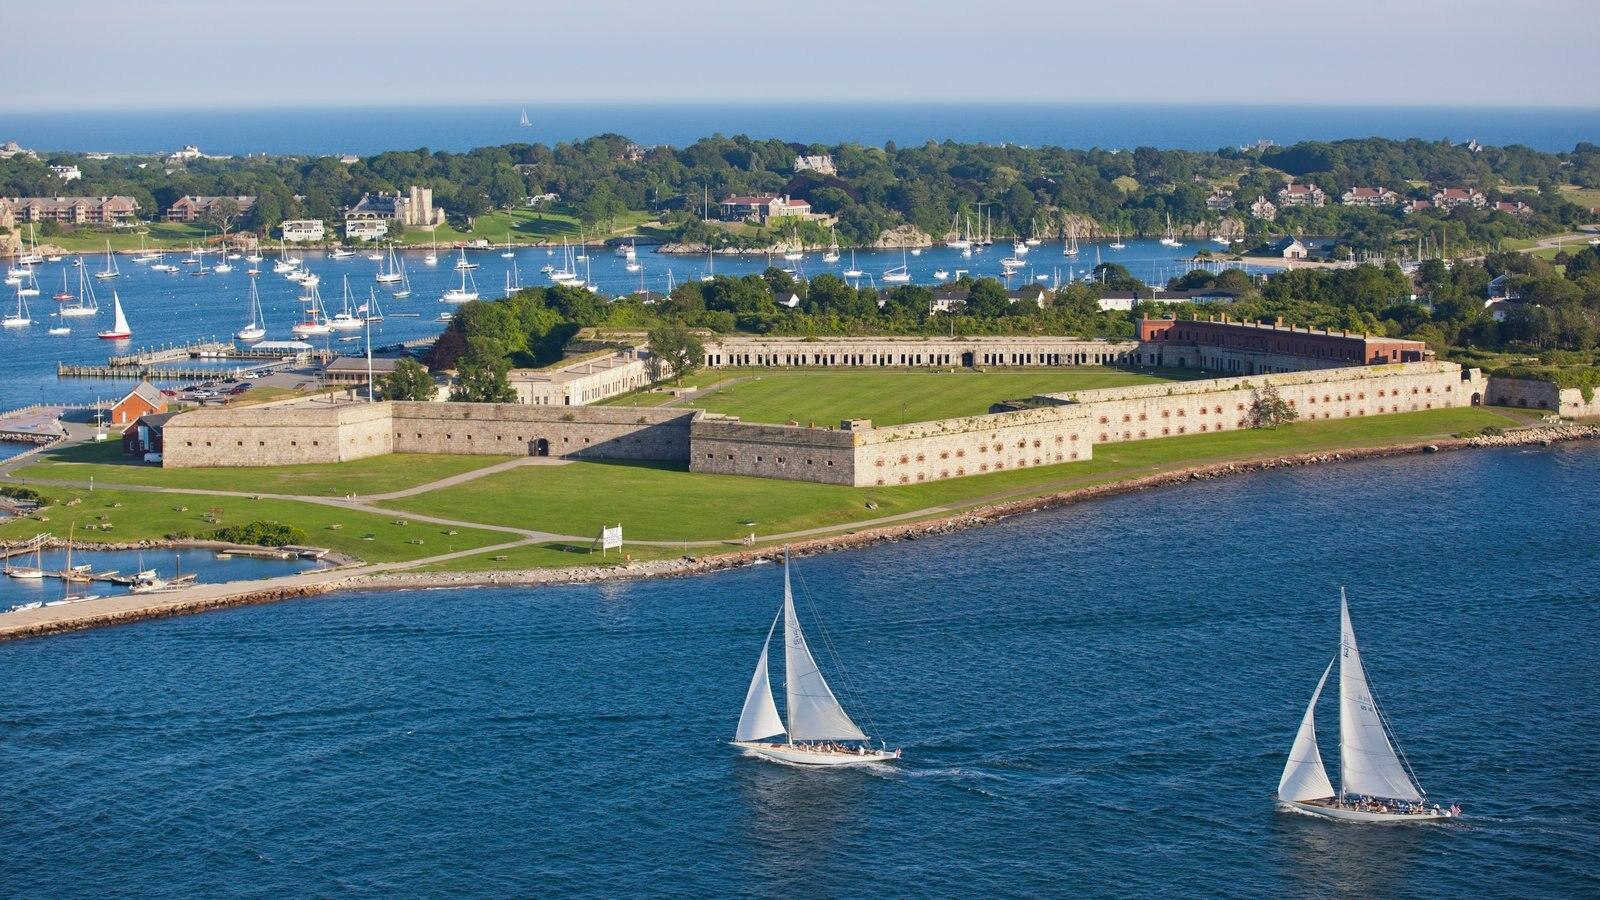 Newport que incluye navegación, una ciudad costera y vistas generales de la costa